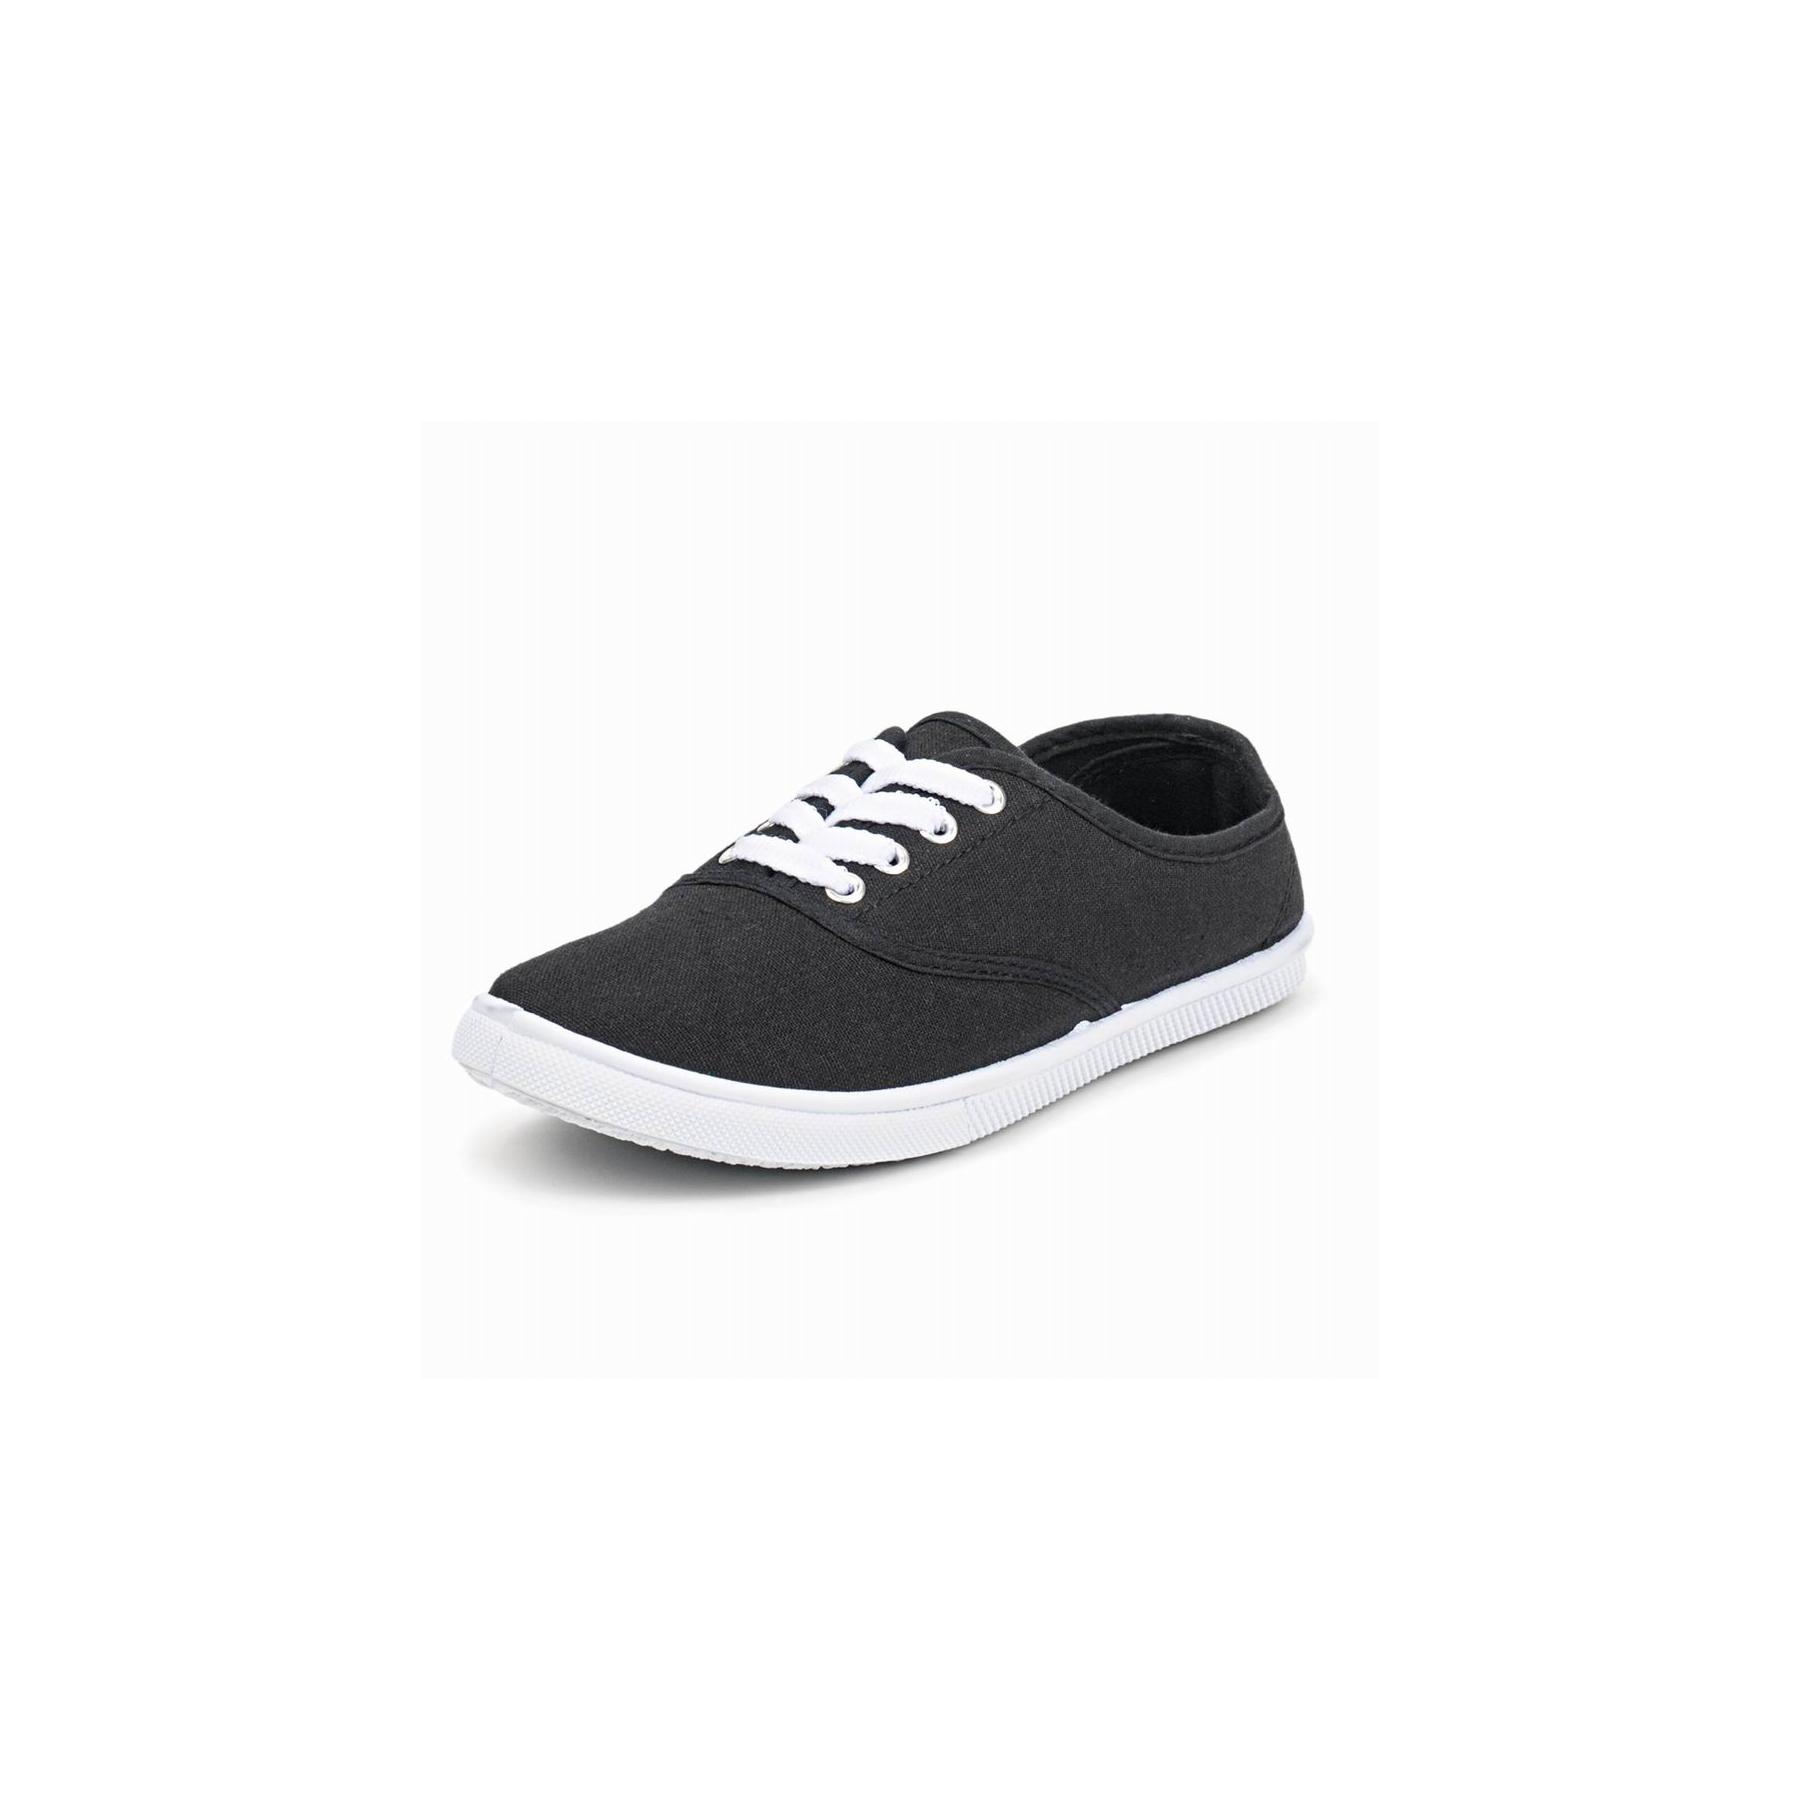 Обувь женская Trien  LGC 9102 черная текстиль р. 36